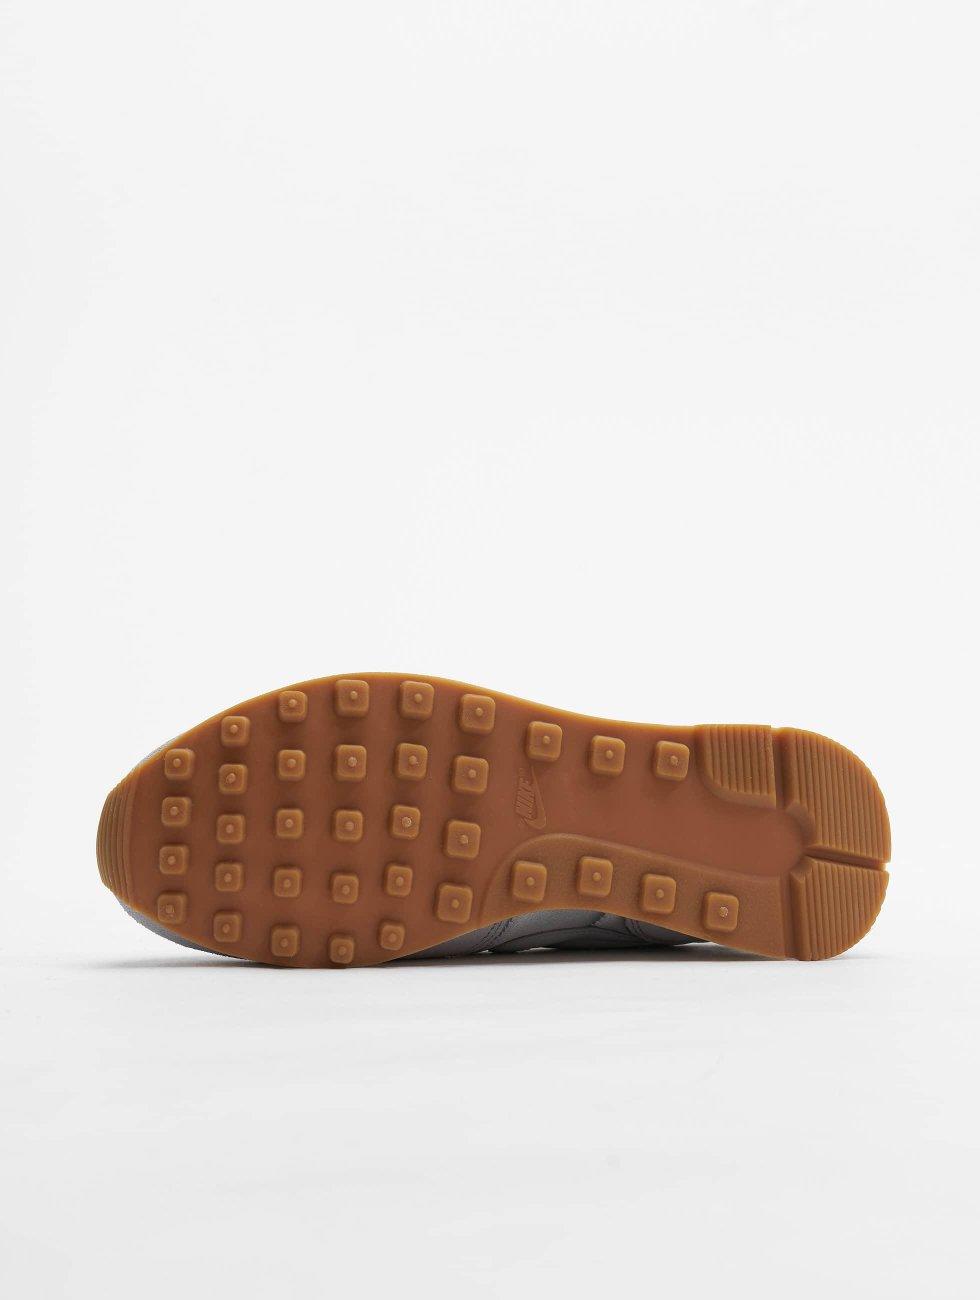 Nike Sko / Sneaker Wmns Inter Grå 344360 Kjøpe Billig Offisielle Nettstedet CjAooBWnv